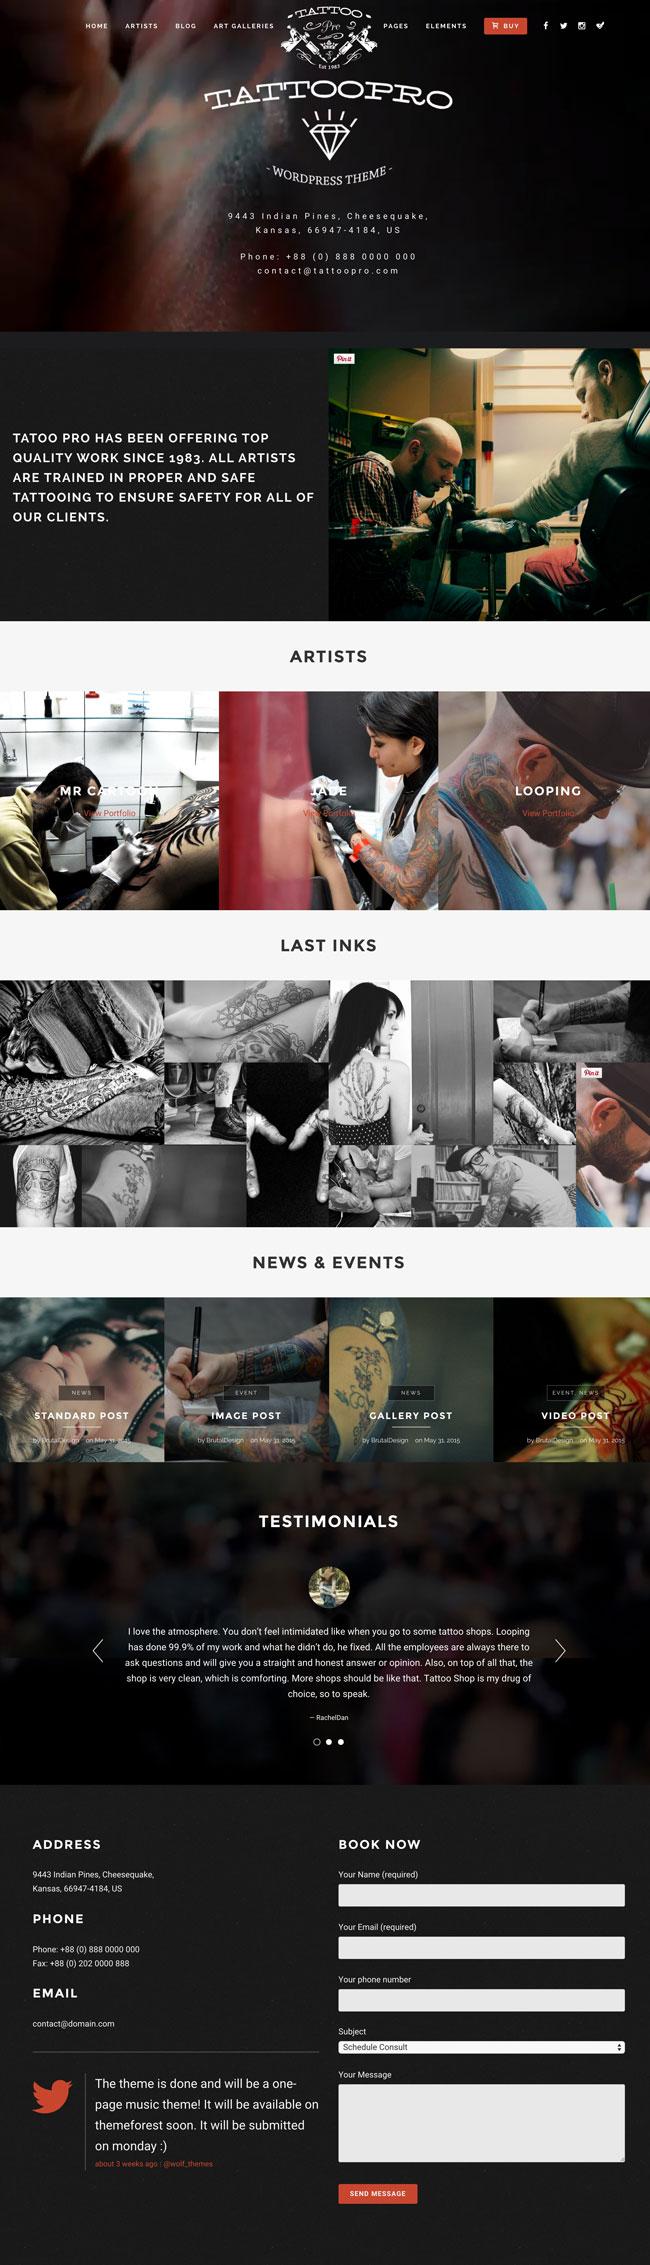 Tattoo-Pro---Your-Tattoo-Shop-WordPress-Theme